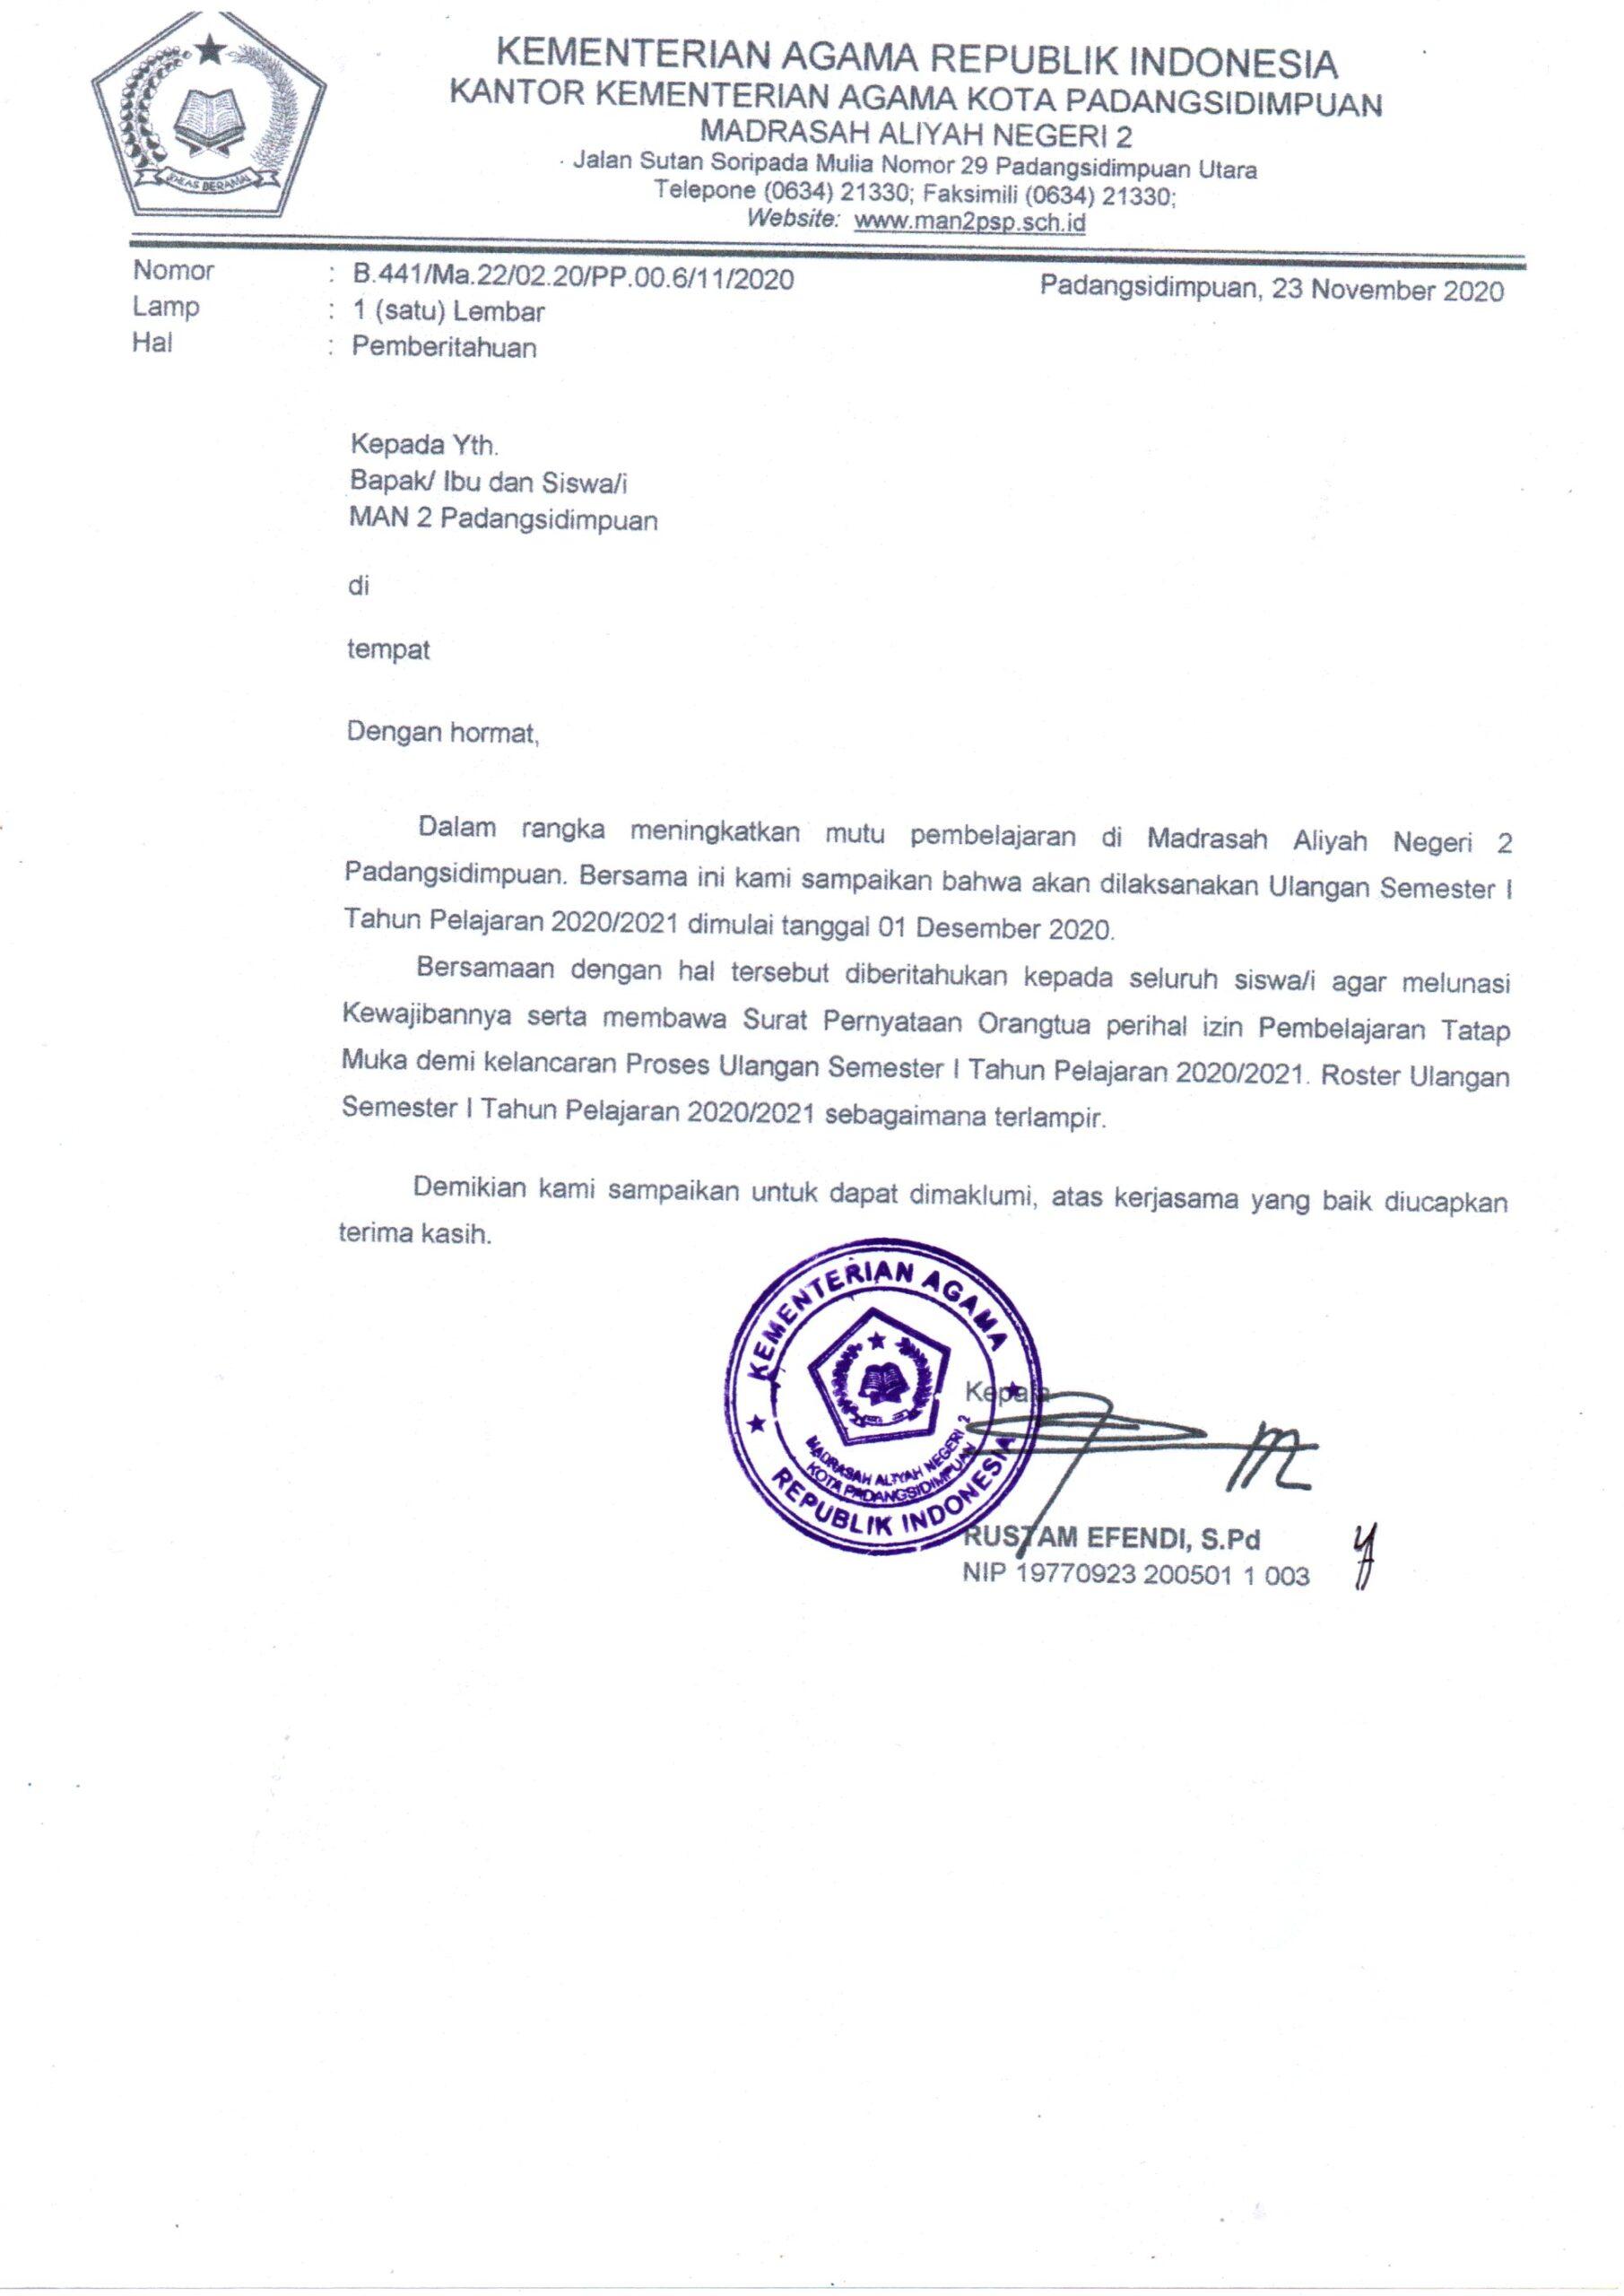 Pelaksanaan Penilaian Akhir Semester T P 2020 2021 Man 2 Padangsidimpuan